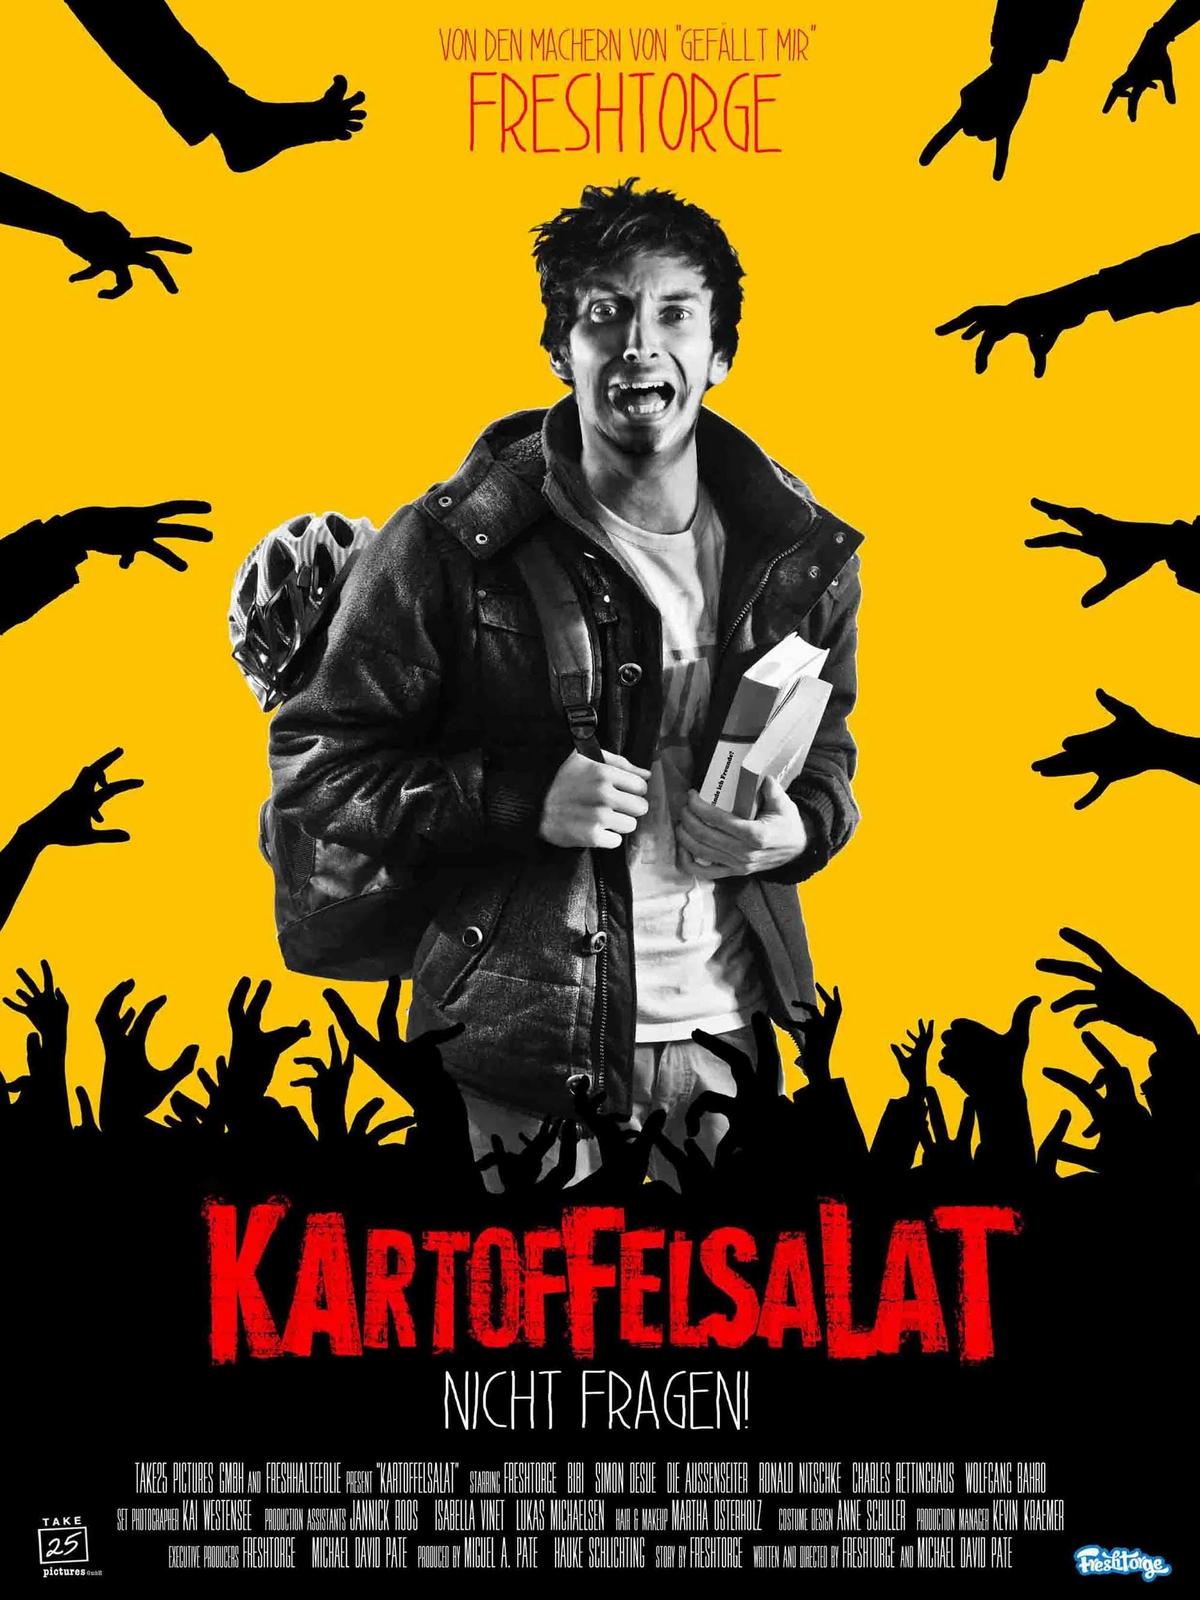 Kartoffelsalat Film Kino